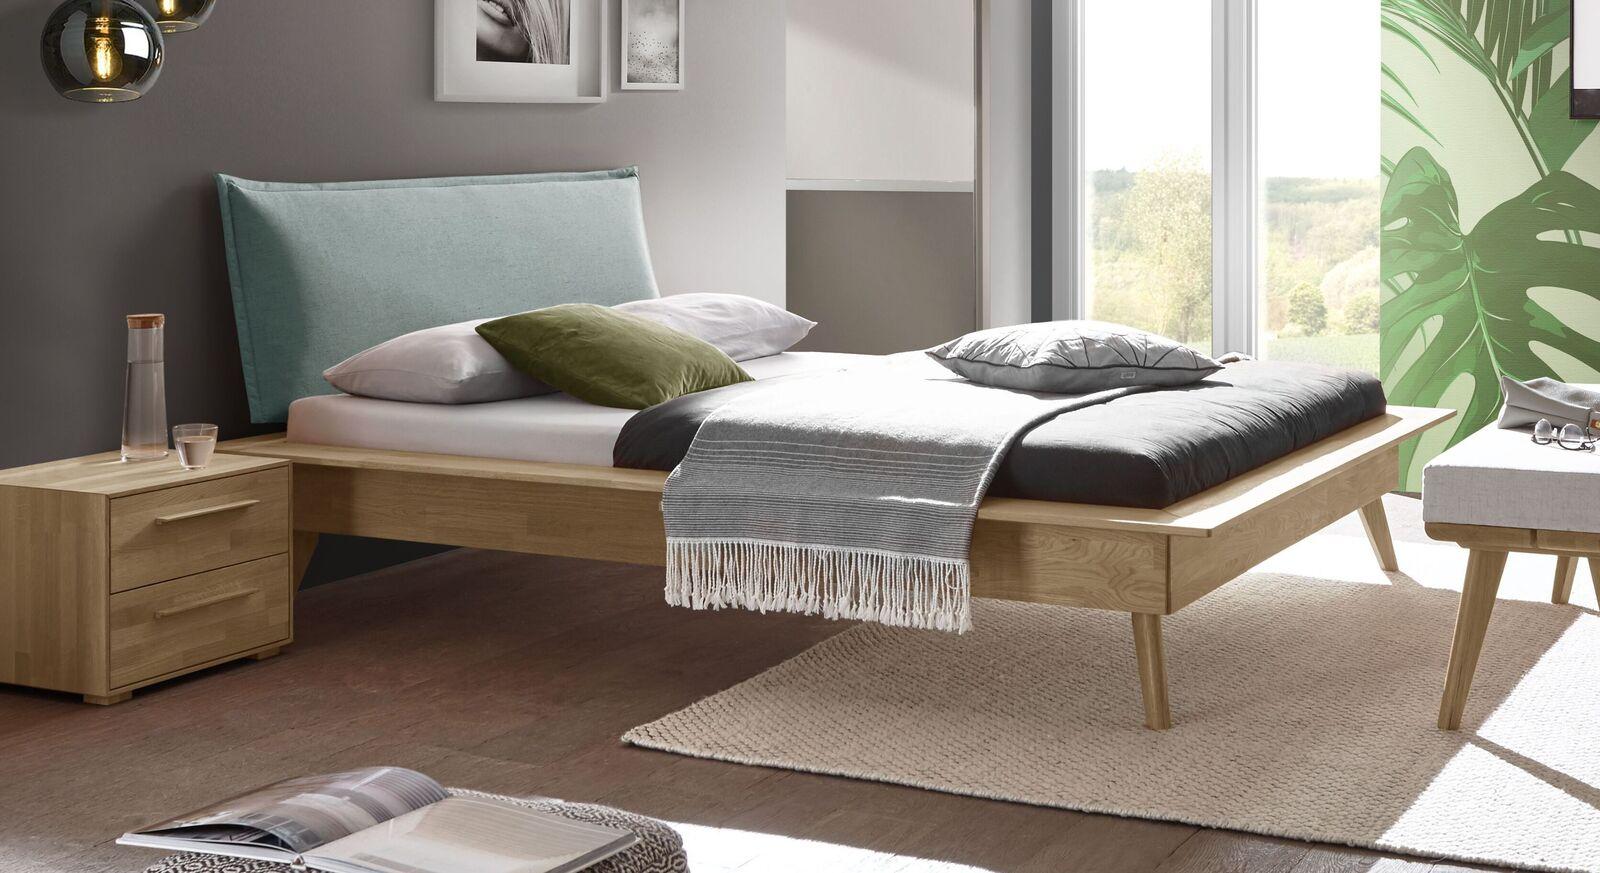 Modernes Bett Casevio mit lagunefarbenem Kopfteil